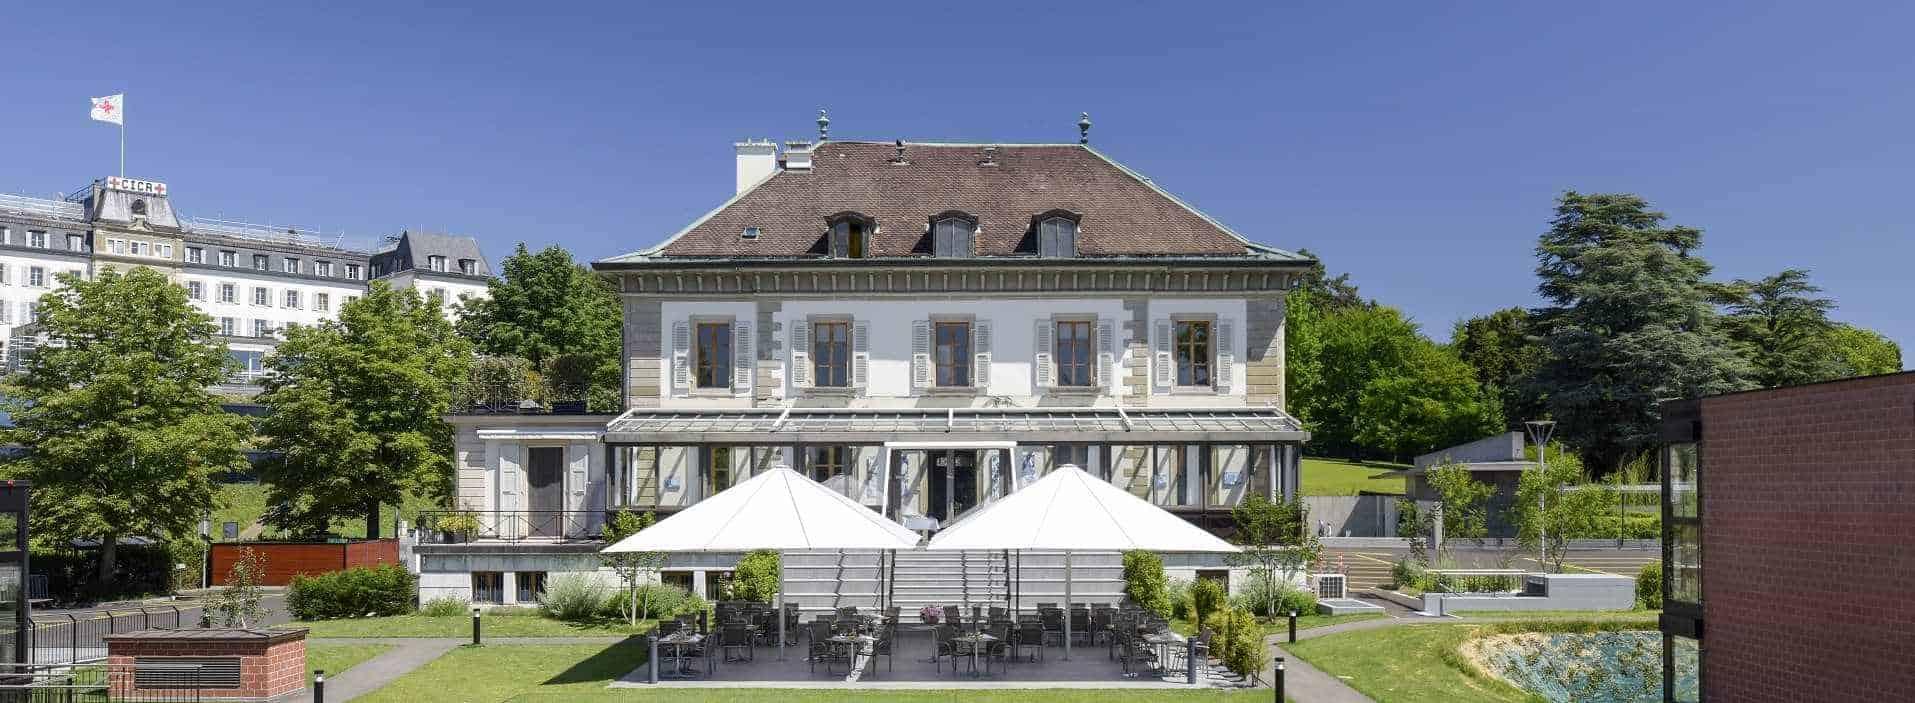 Restaurant Vieux Bois Geneve - Découvrez un restaurant a Genève, le Restaurant Vieux Bois a Geneve avec sa superbe Terrasse